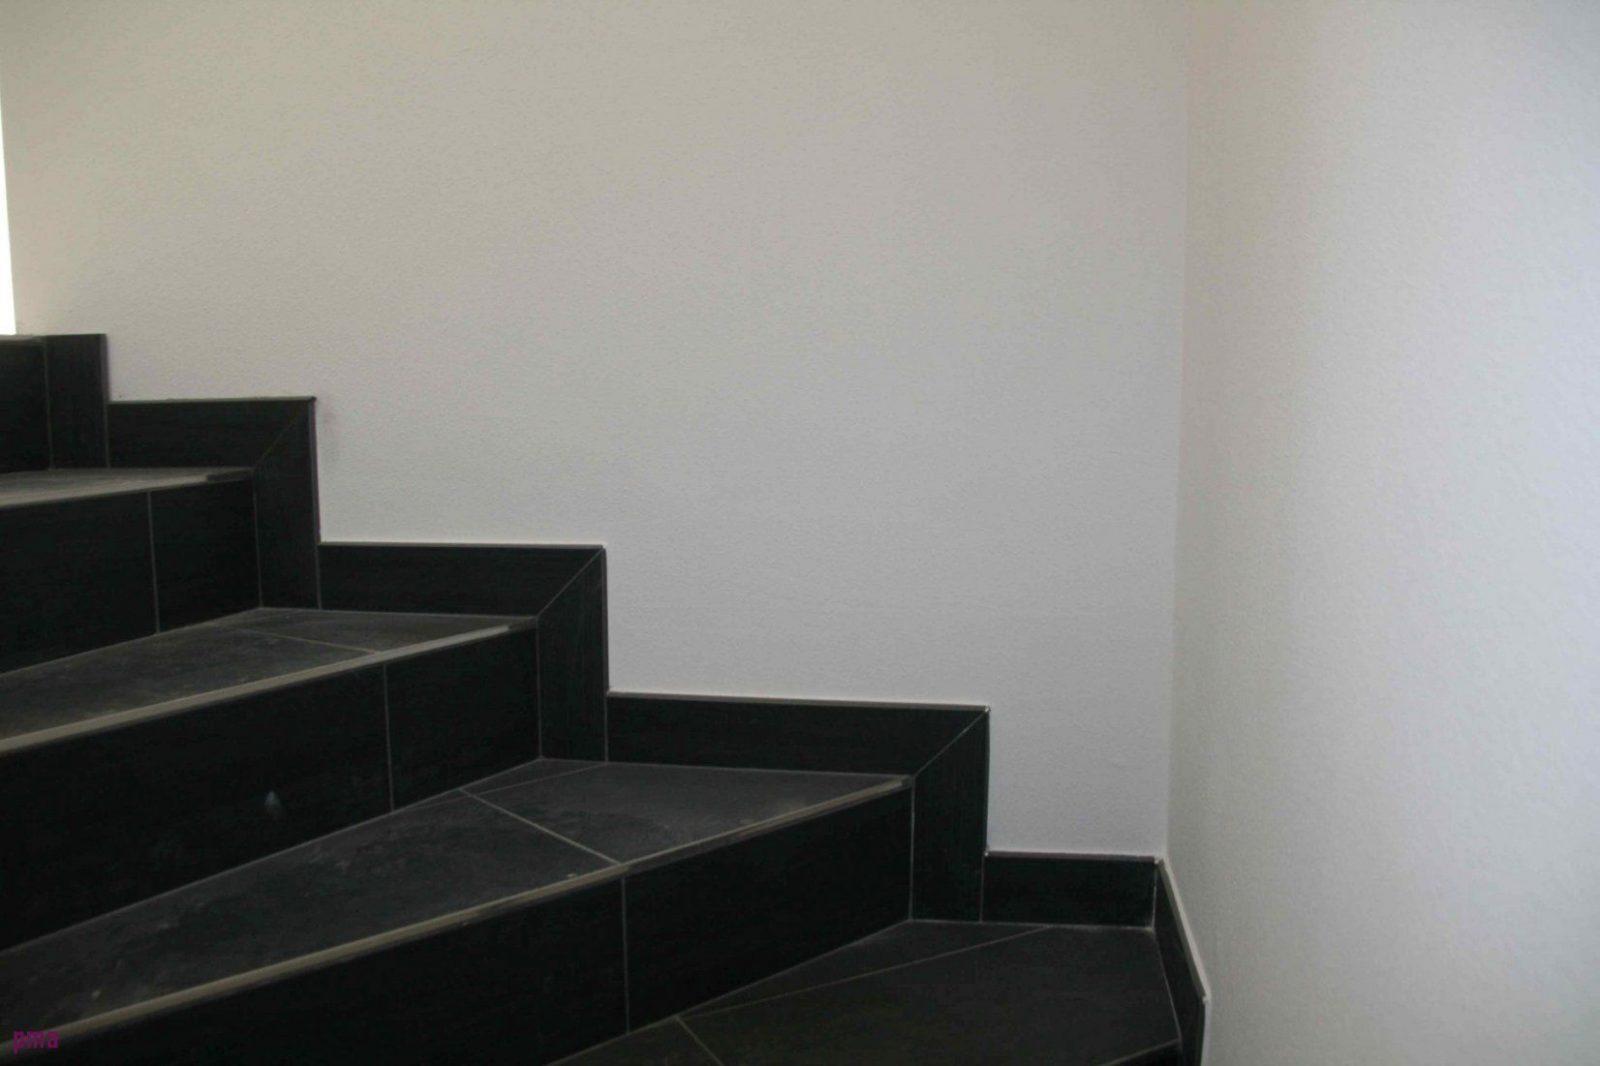 Treppen Leisten Für Fliesen 23 Superb Architektur Über Treppen von Gewendelte Treppe Fliesen Anleitung Photo